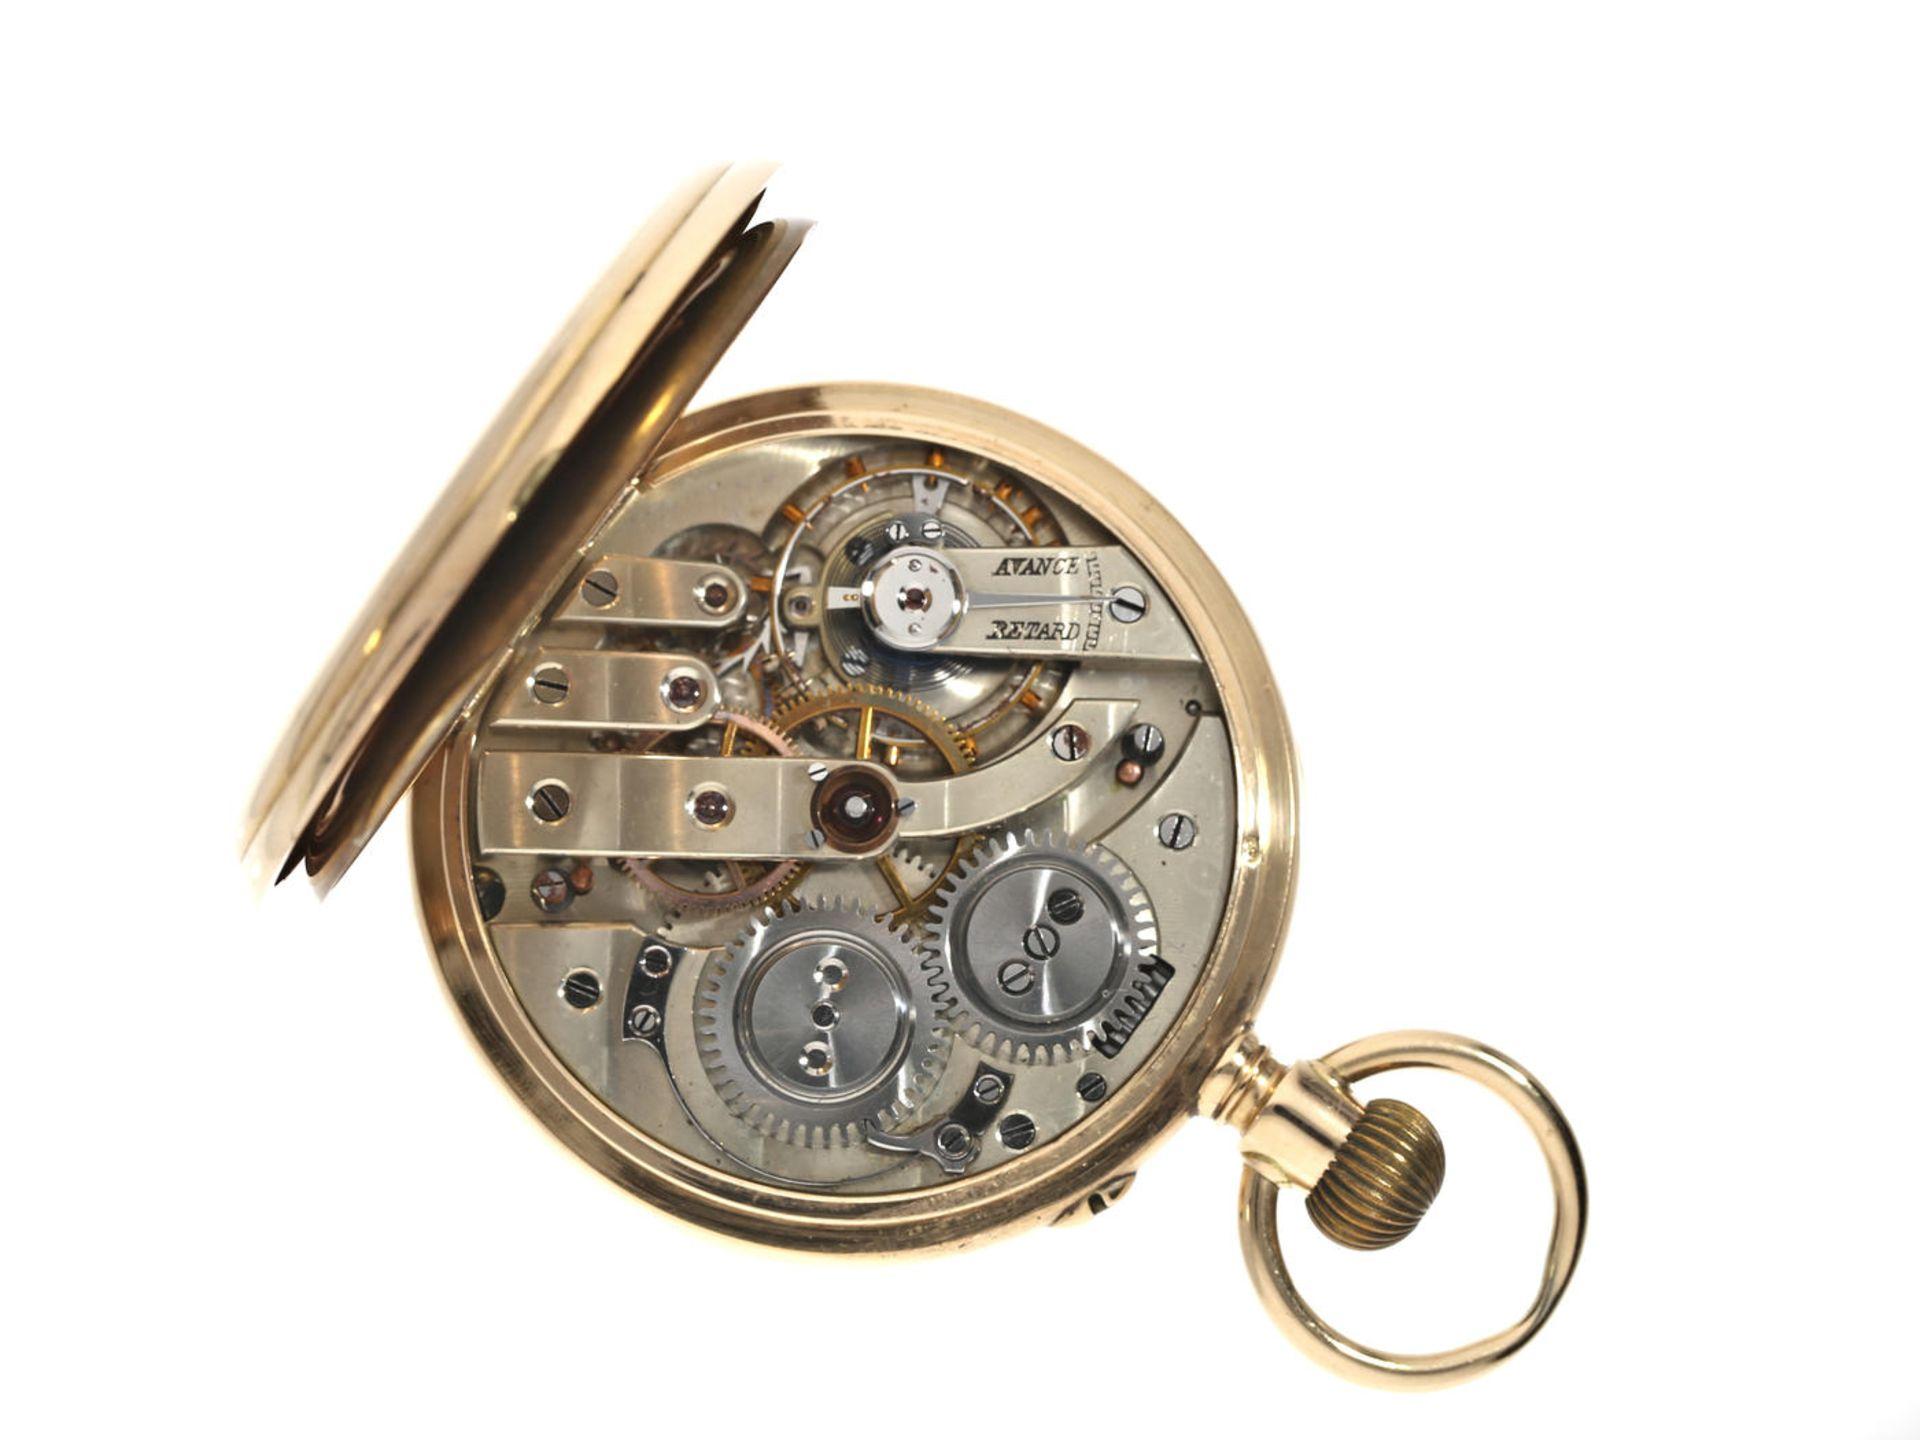 Taschenuhr: feine goldene Taschenuhr, Ankerchronometer, Vve. Henri Monney Biel, Schweiz um 1890 - Bild 2 aus 3